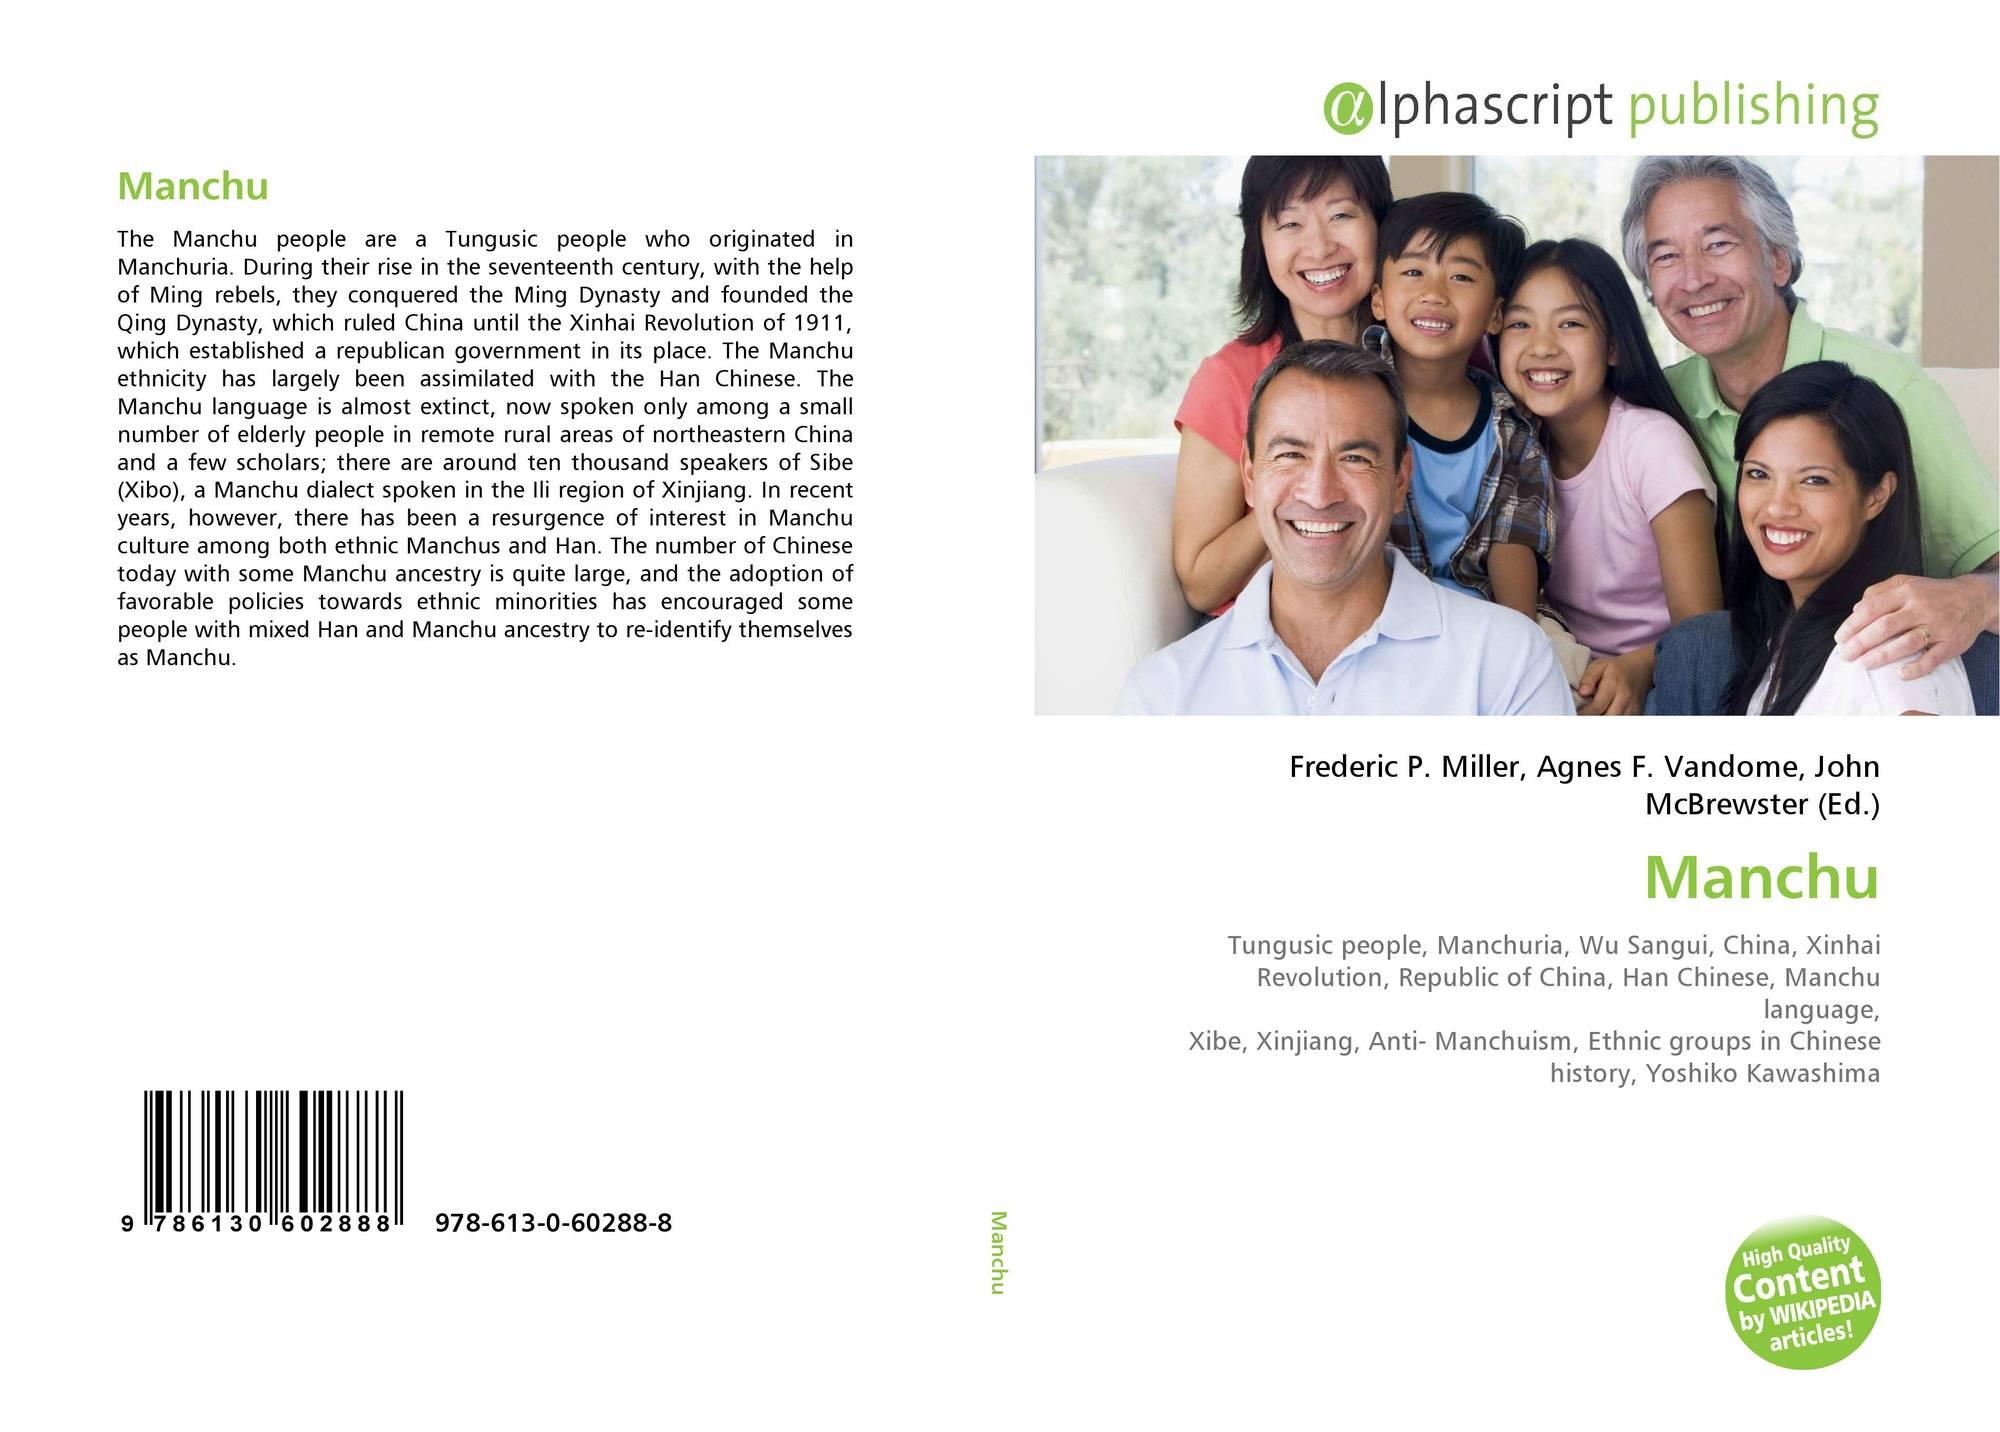 Manchu, 978-613-0-60288-8, 613060288X ,9786130602888